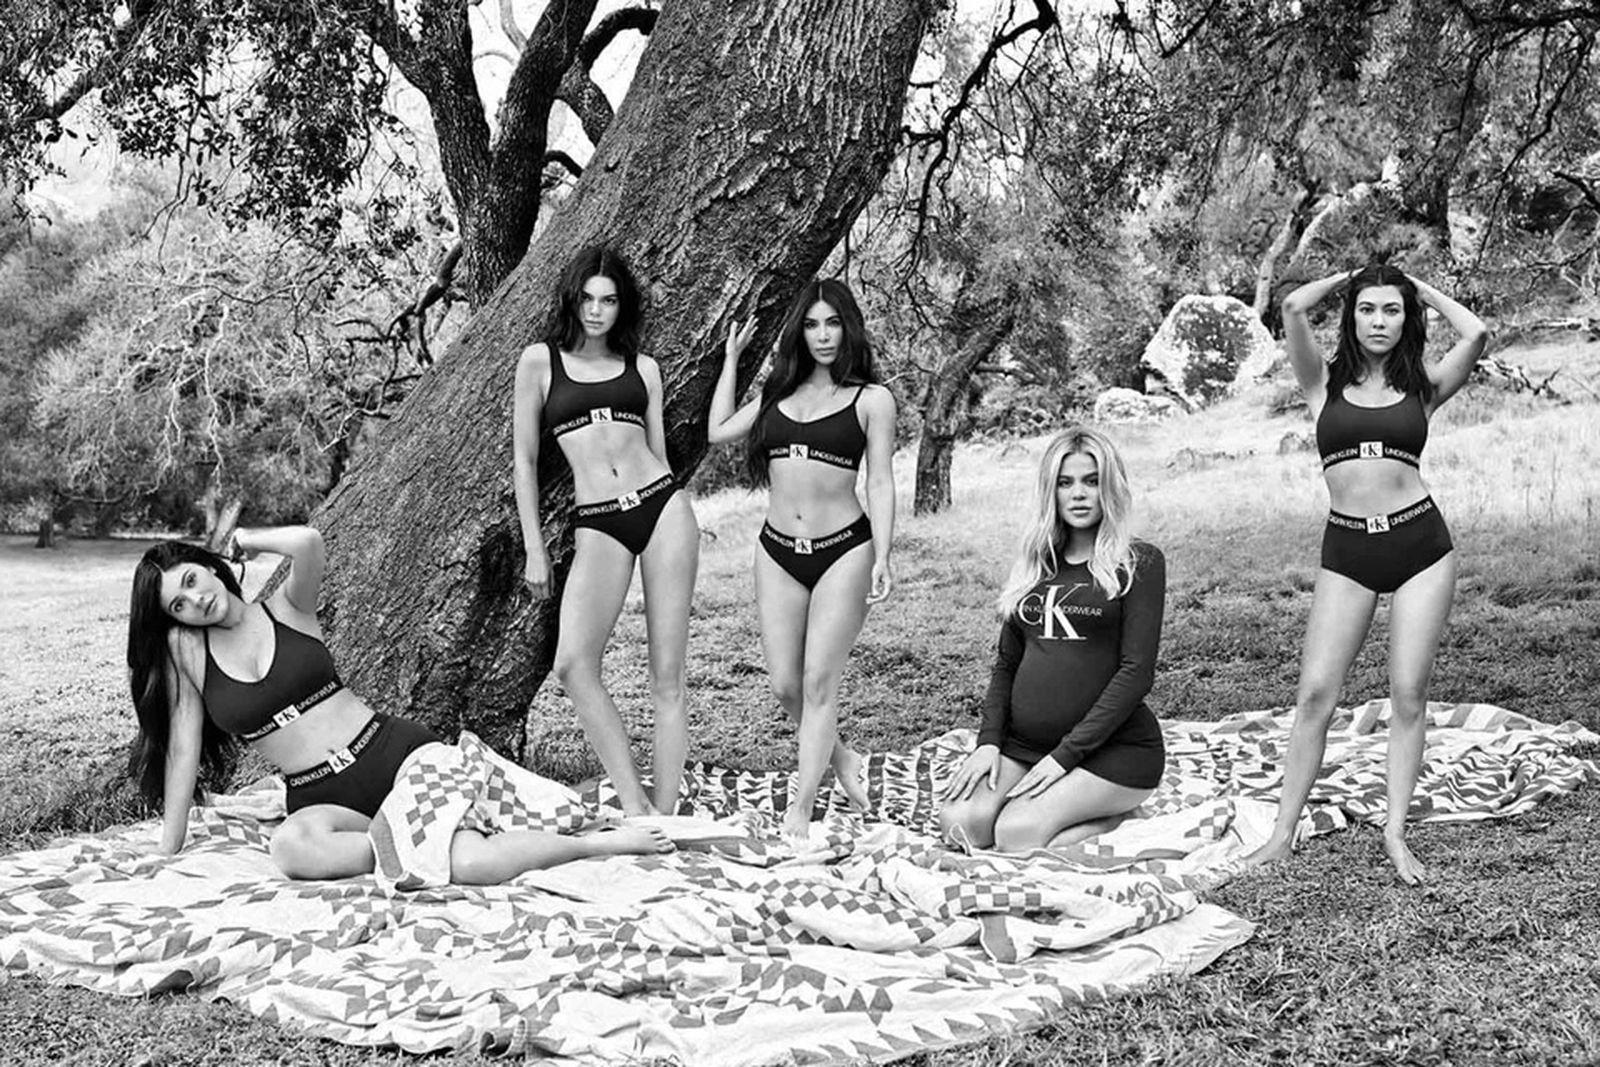 kardashian jenner calcin klein Kim Kardashian West kendall jenner khloe kardashian